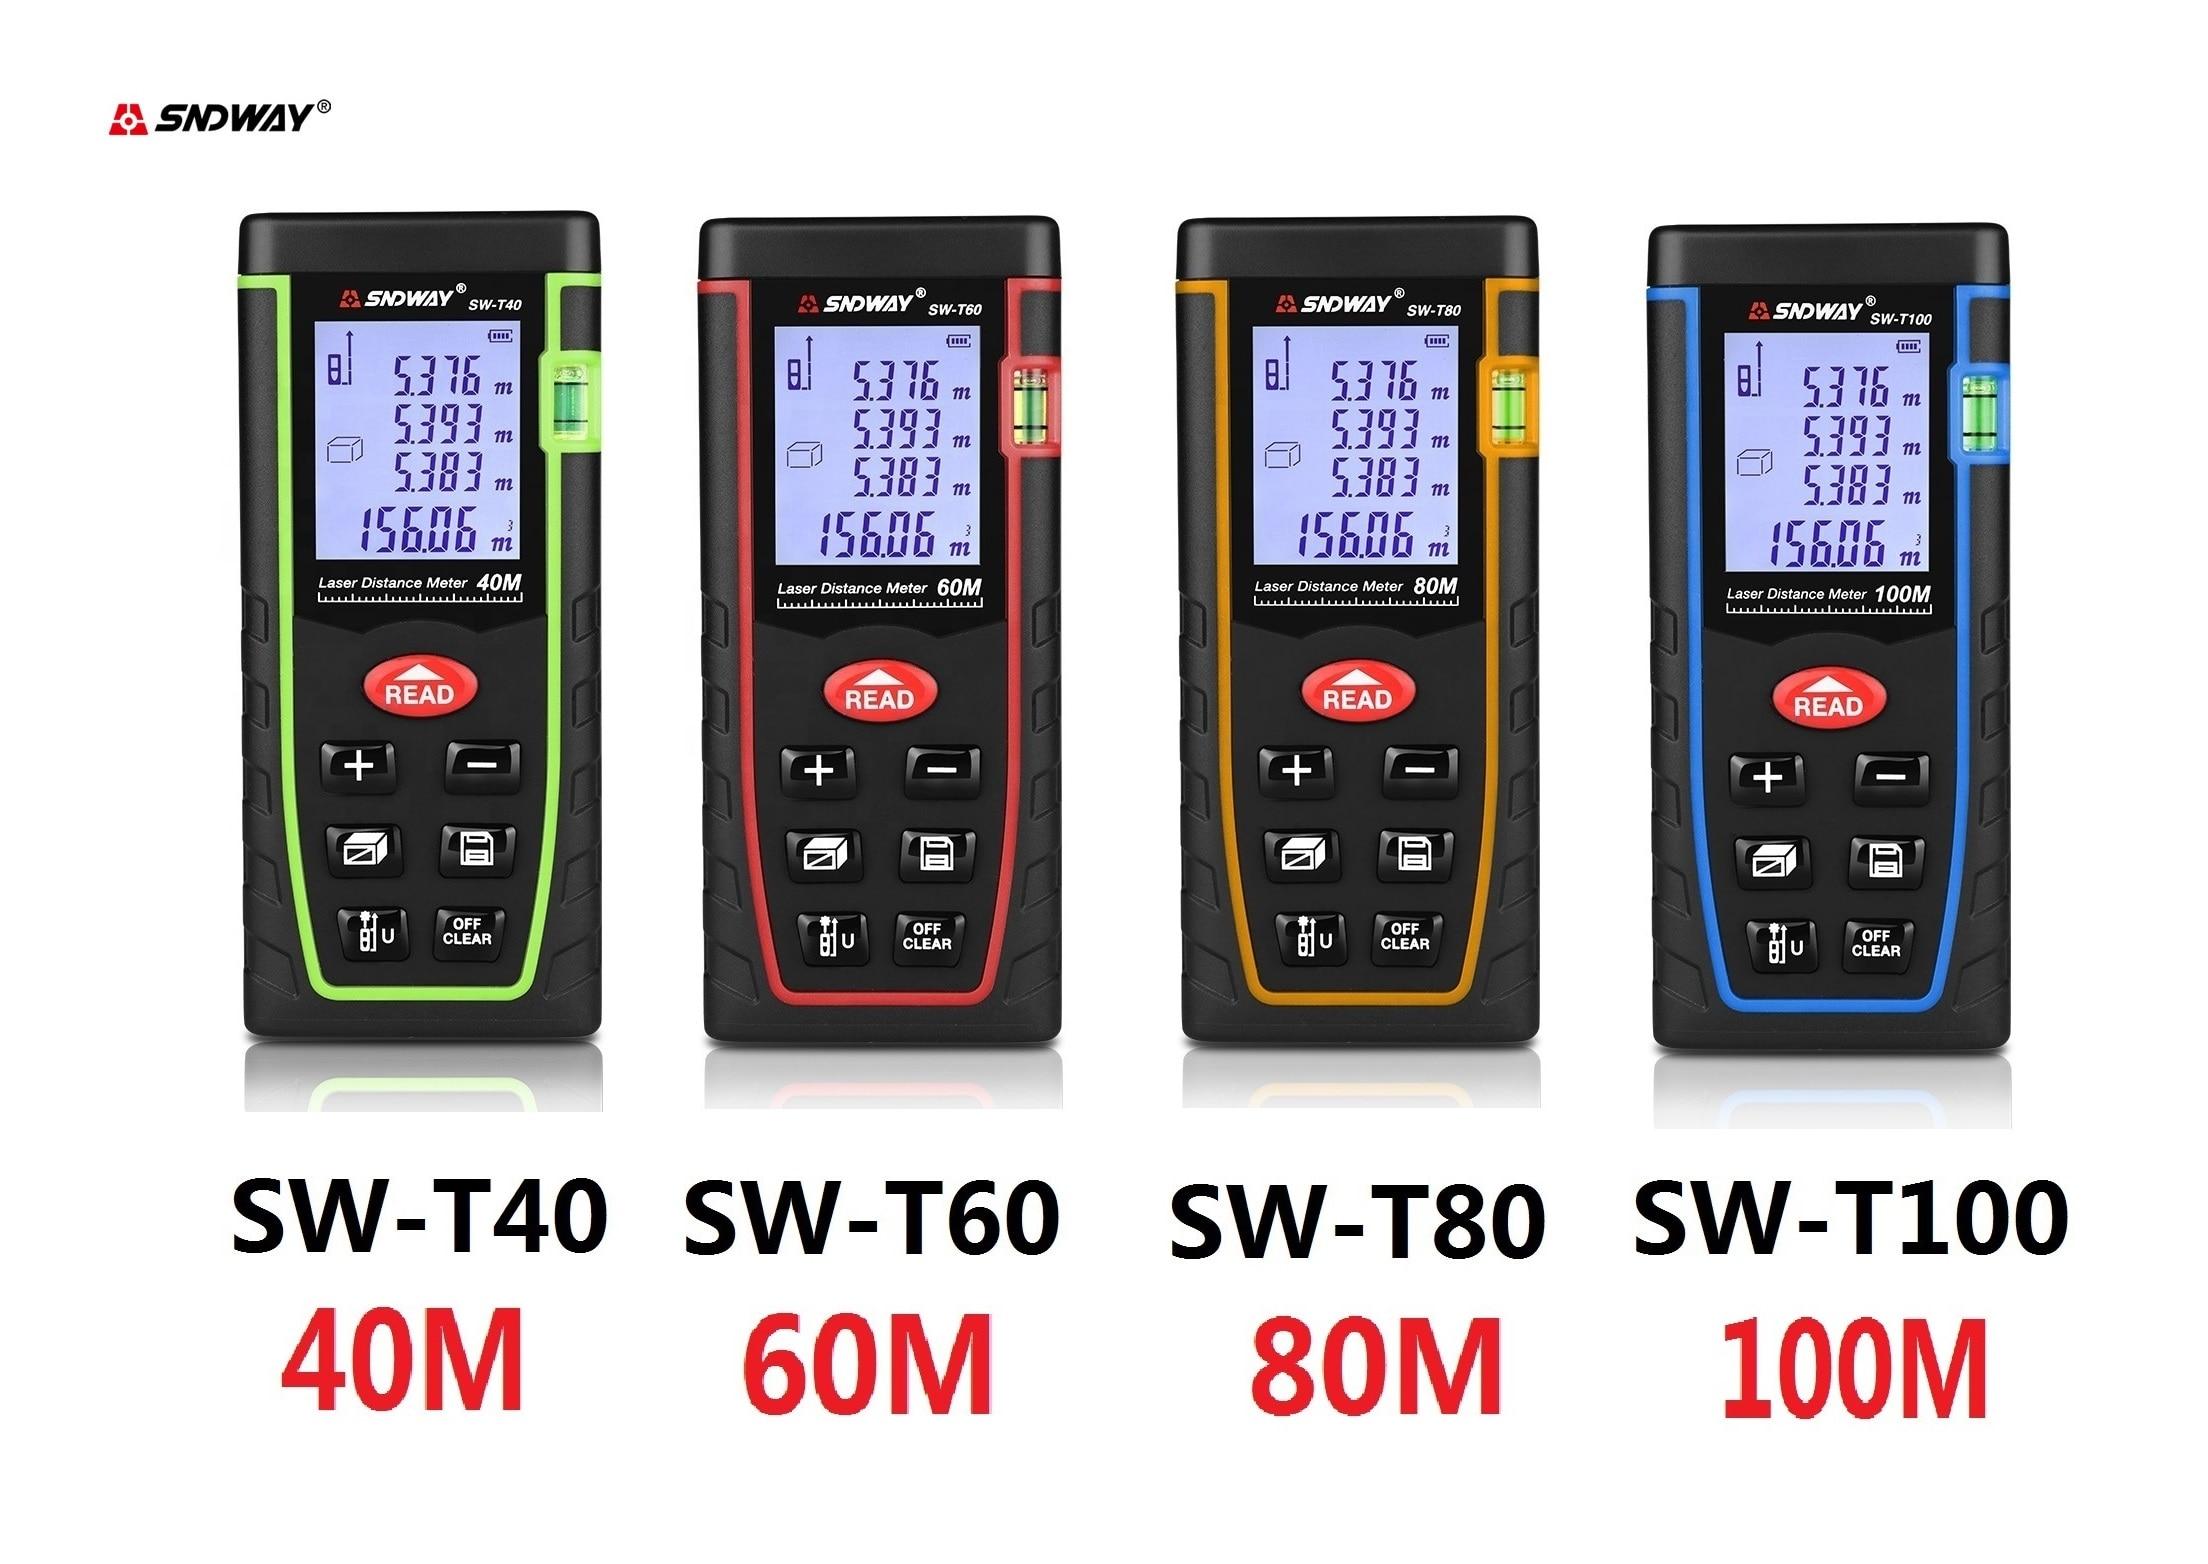 SNDWAY Laser-distanzmessgerät 40m 60m 100m 120m Laser Messgerät SW-T40 SW-T60 SW-T80 SW-T 100 maßband Laser Distanc